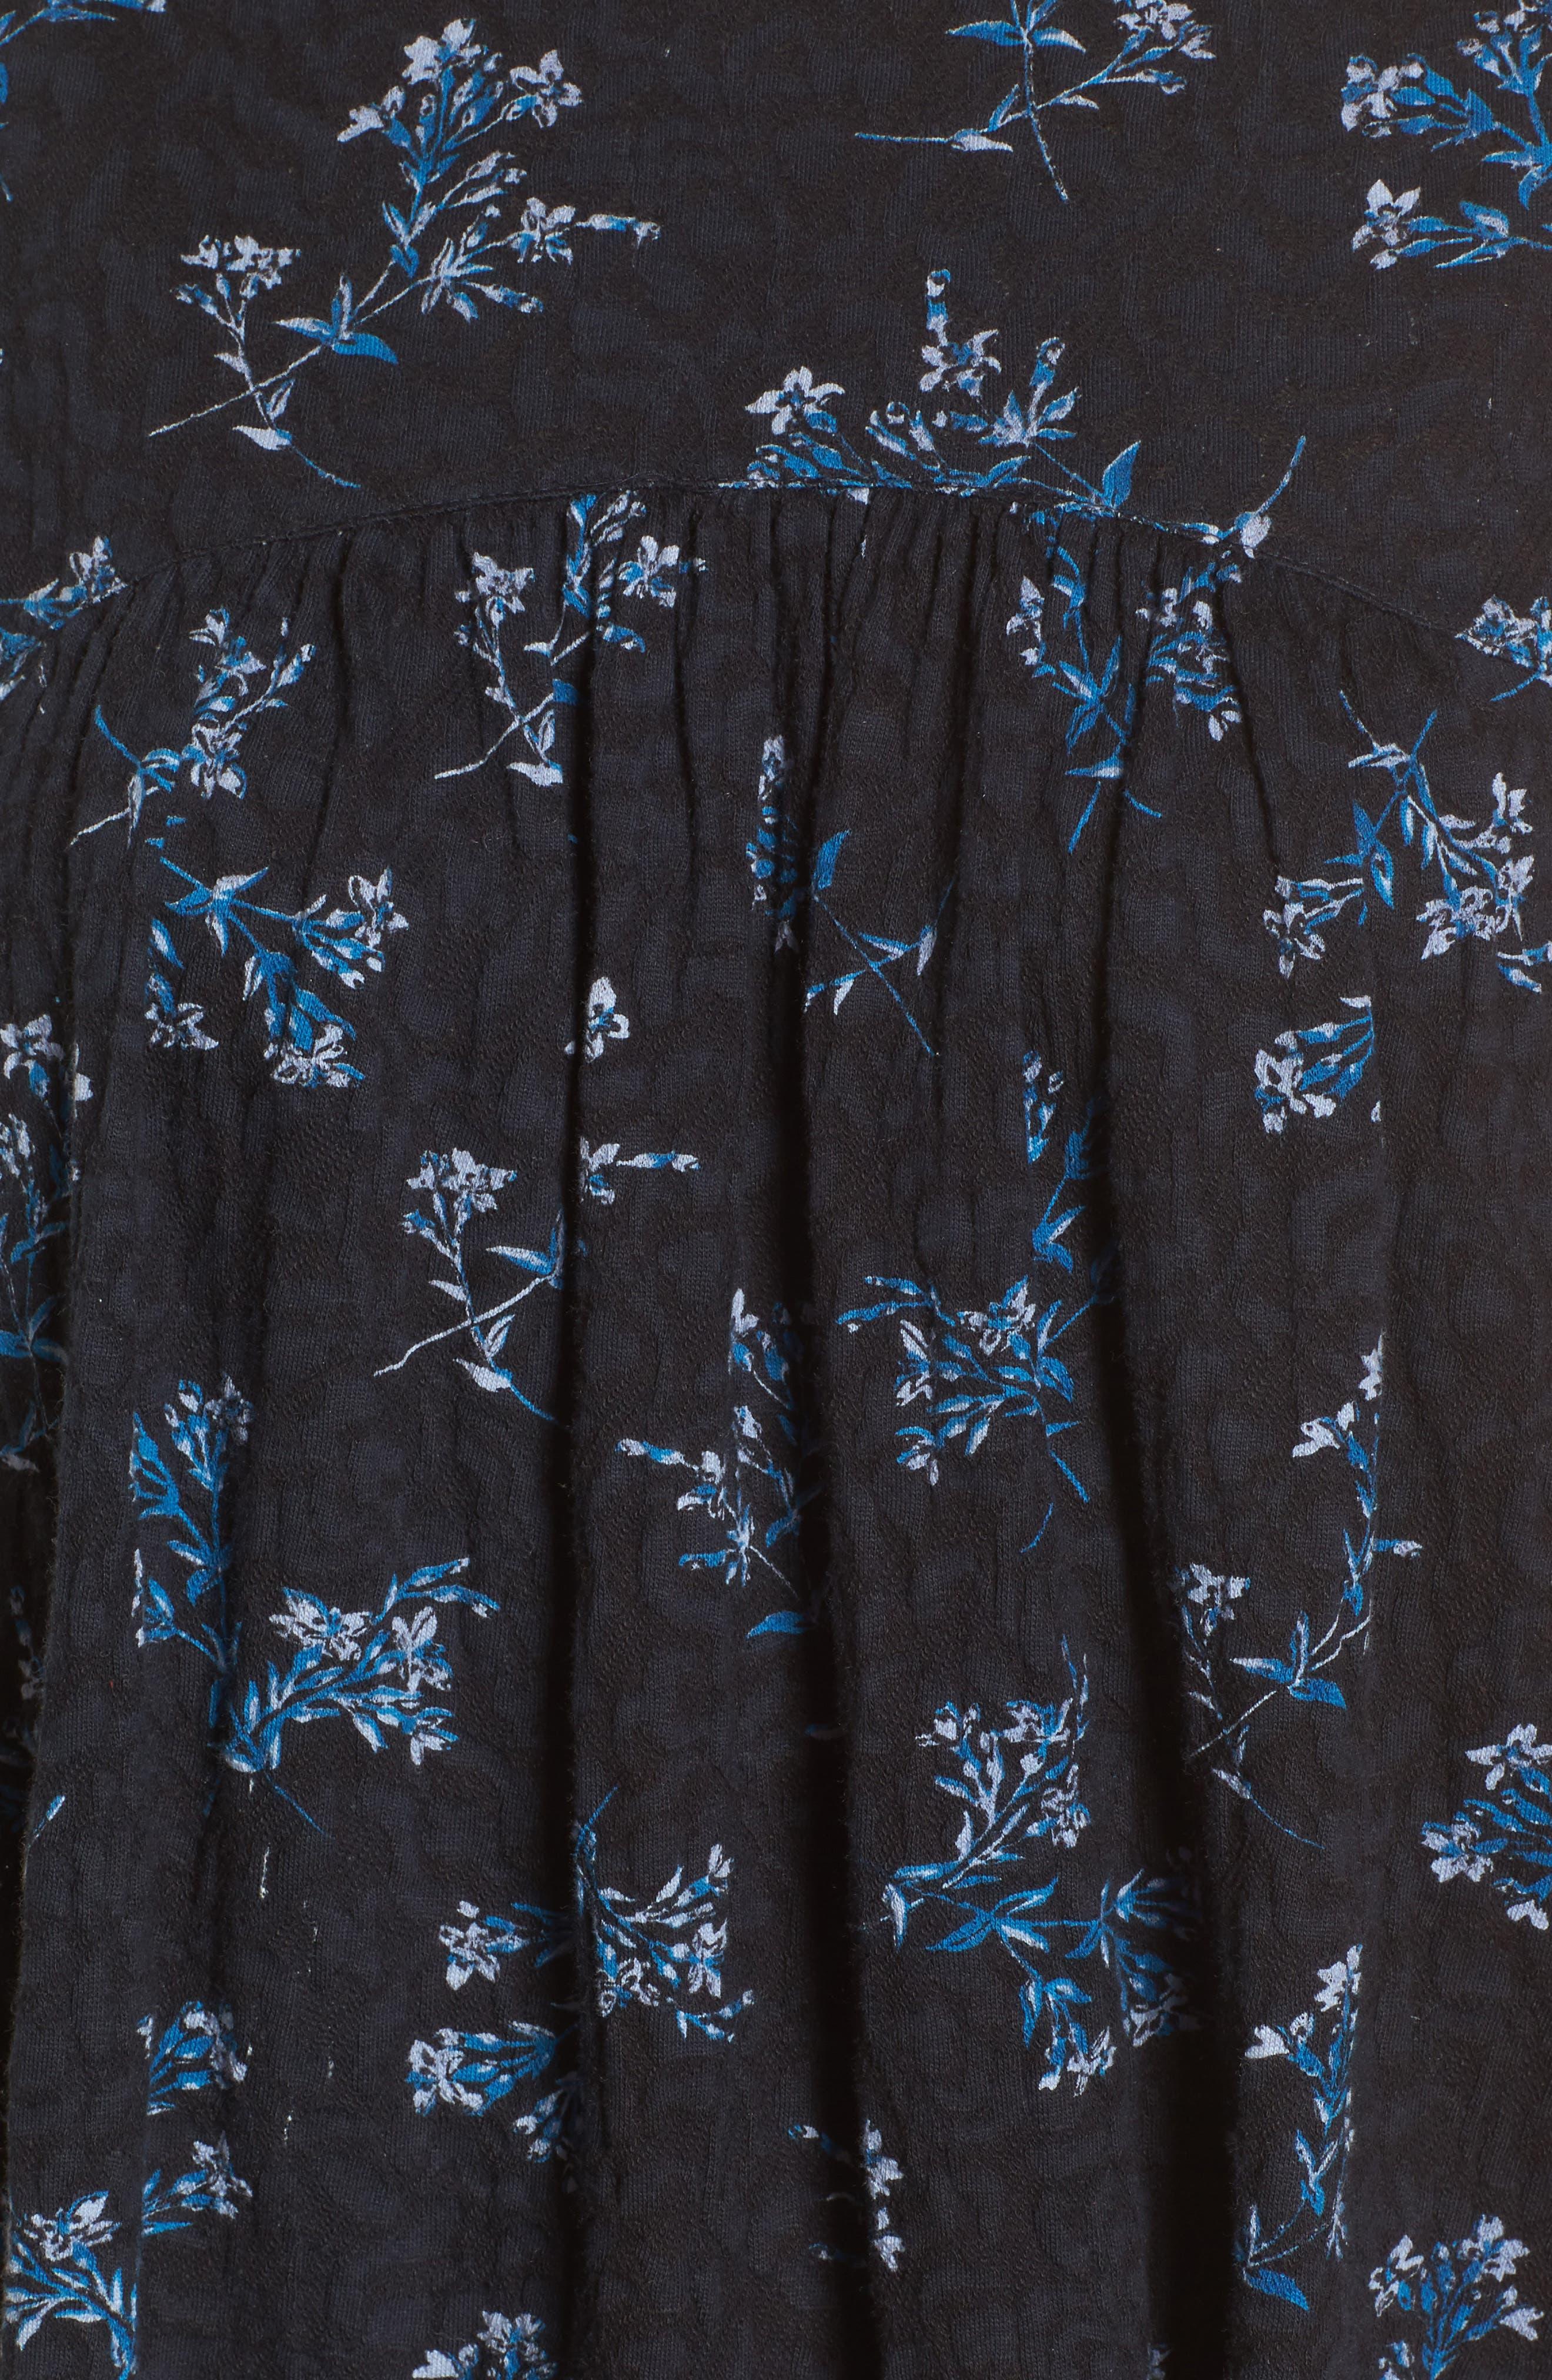 Floral Jacquard Ruffle Tank,                             Alternate thumbnail 5, color,                             Blue Multi